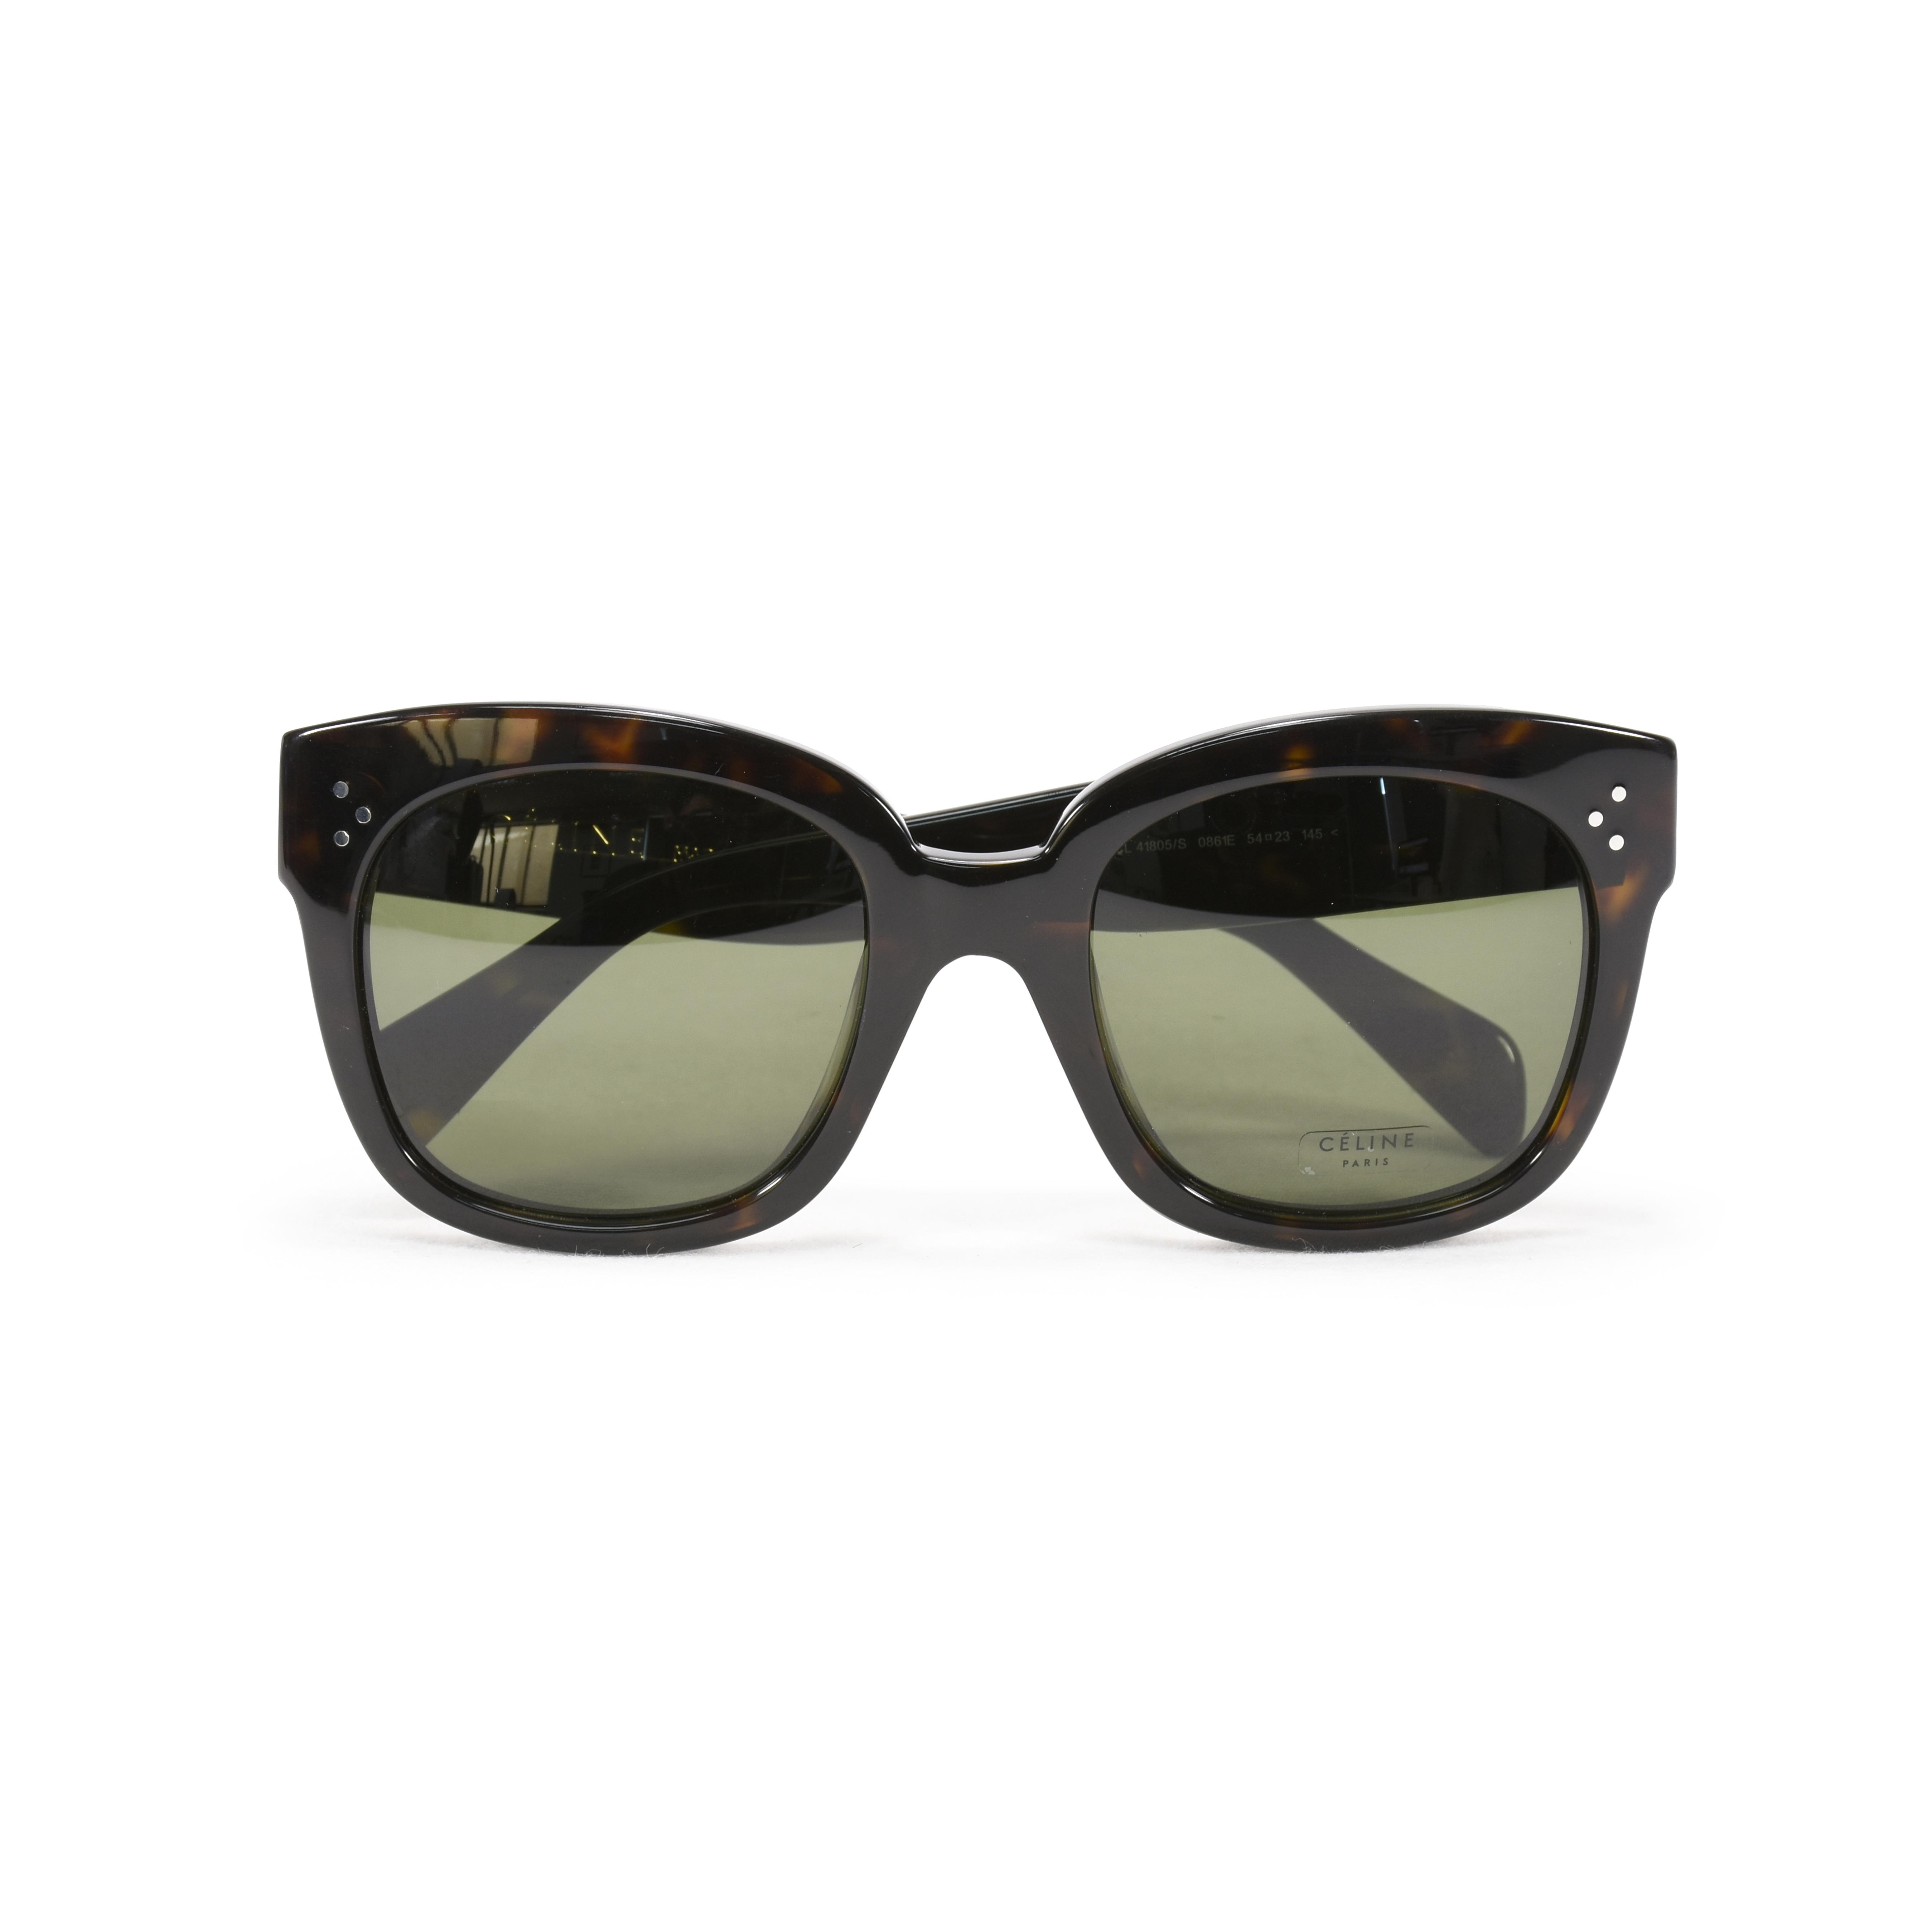 f71df7663995 Authentic Second Hand Céline New Audrey Sunglasses (PSS-356-00009 ...